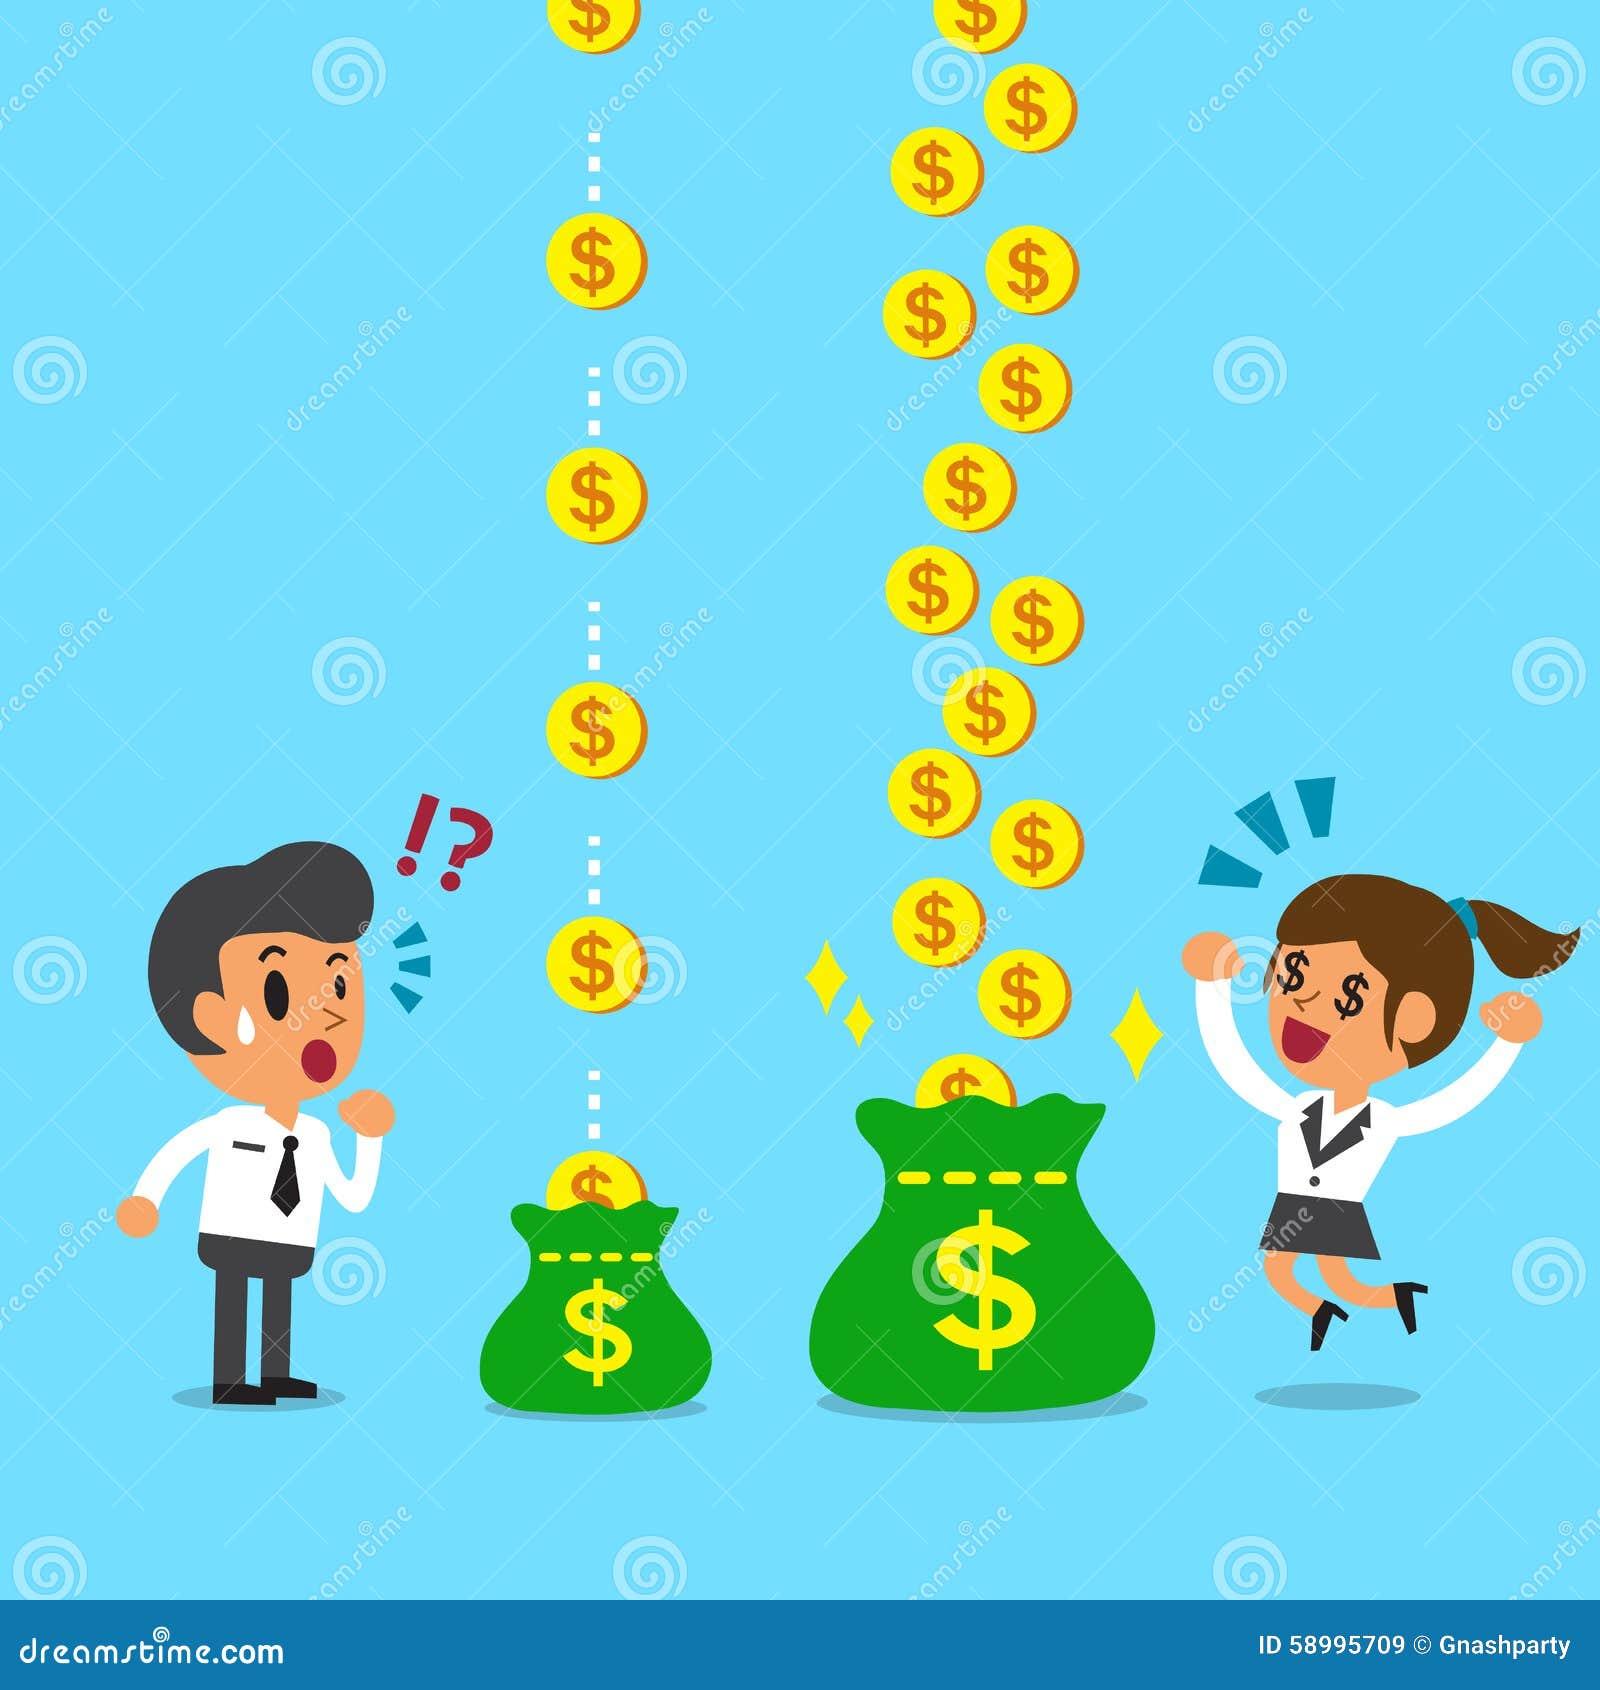 Cartoon Businesswoman Earns More Money Than Businessman ... |More Money Cartoon